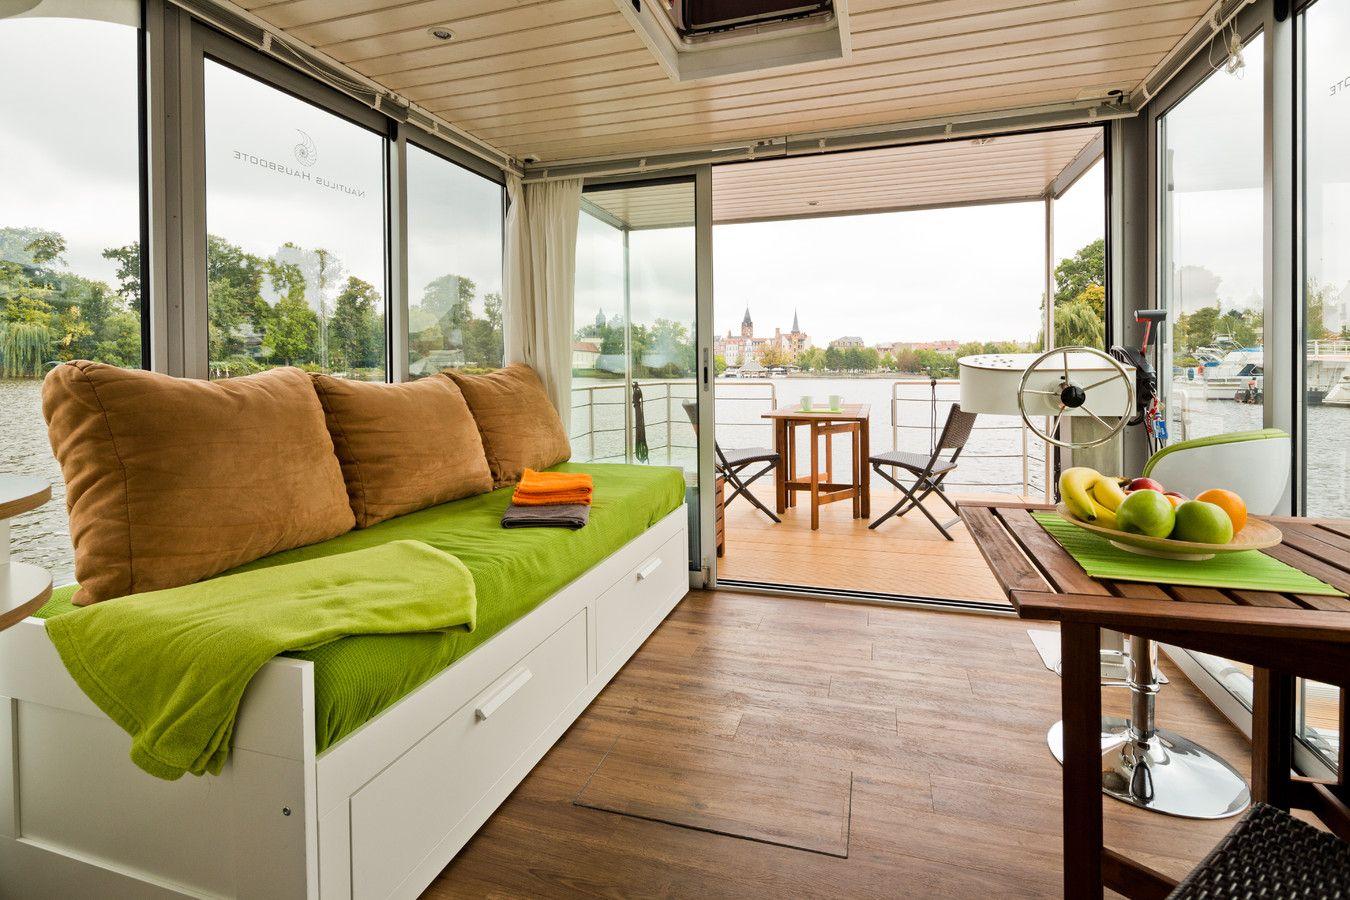 Hausboot kaufen Nautilus Hausboote auch Freiheit